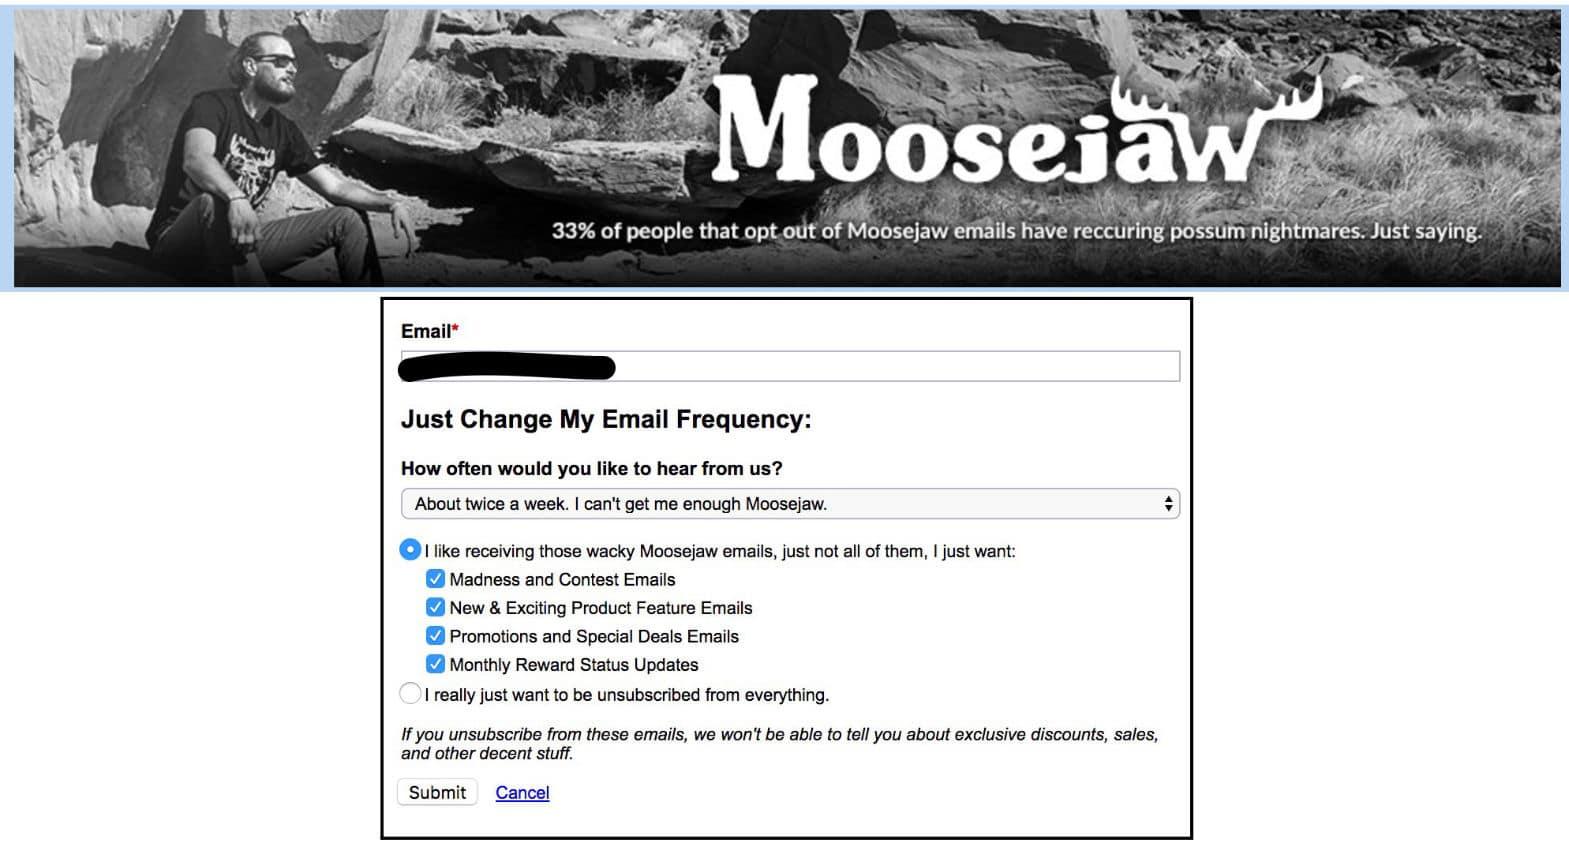 E-postfrekvens